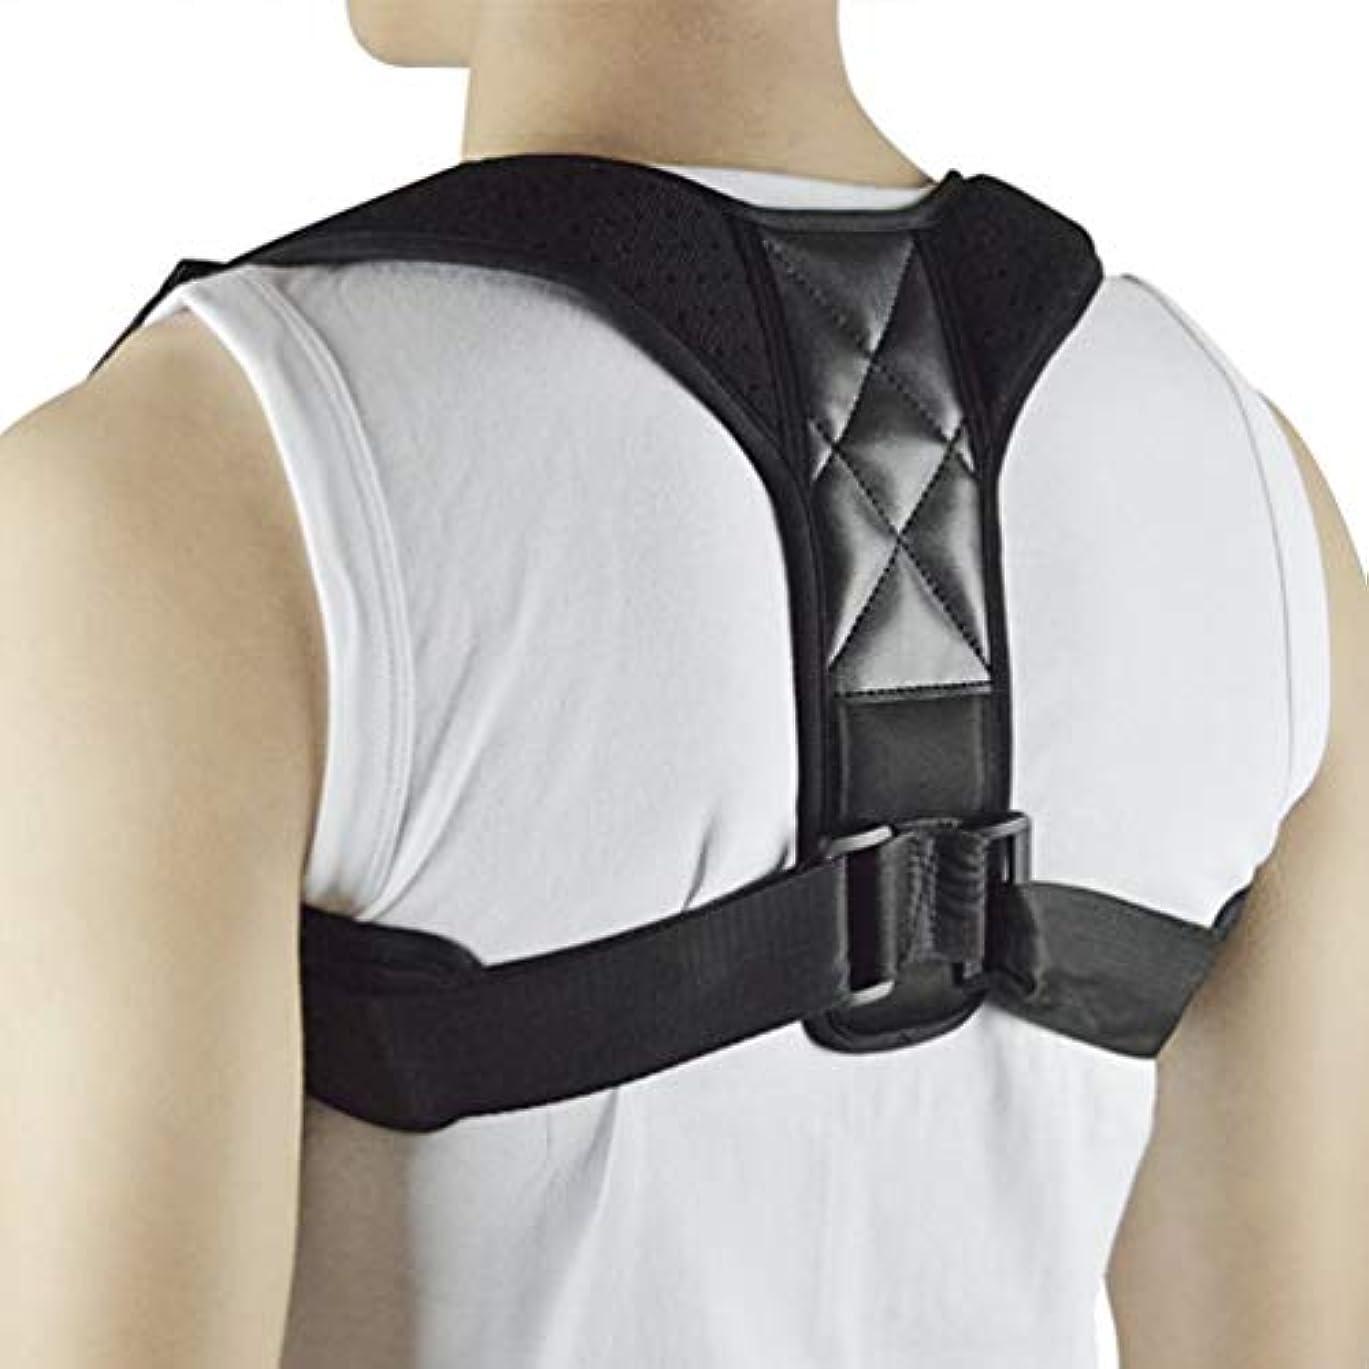 懇願する意識シャンプーWT-C734ザトウクジラ矯正ベルト大人の脊椎背部固定子の背部矯正 - 多色アドバンス